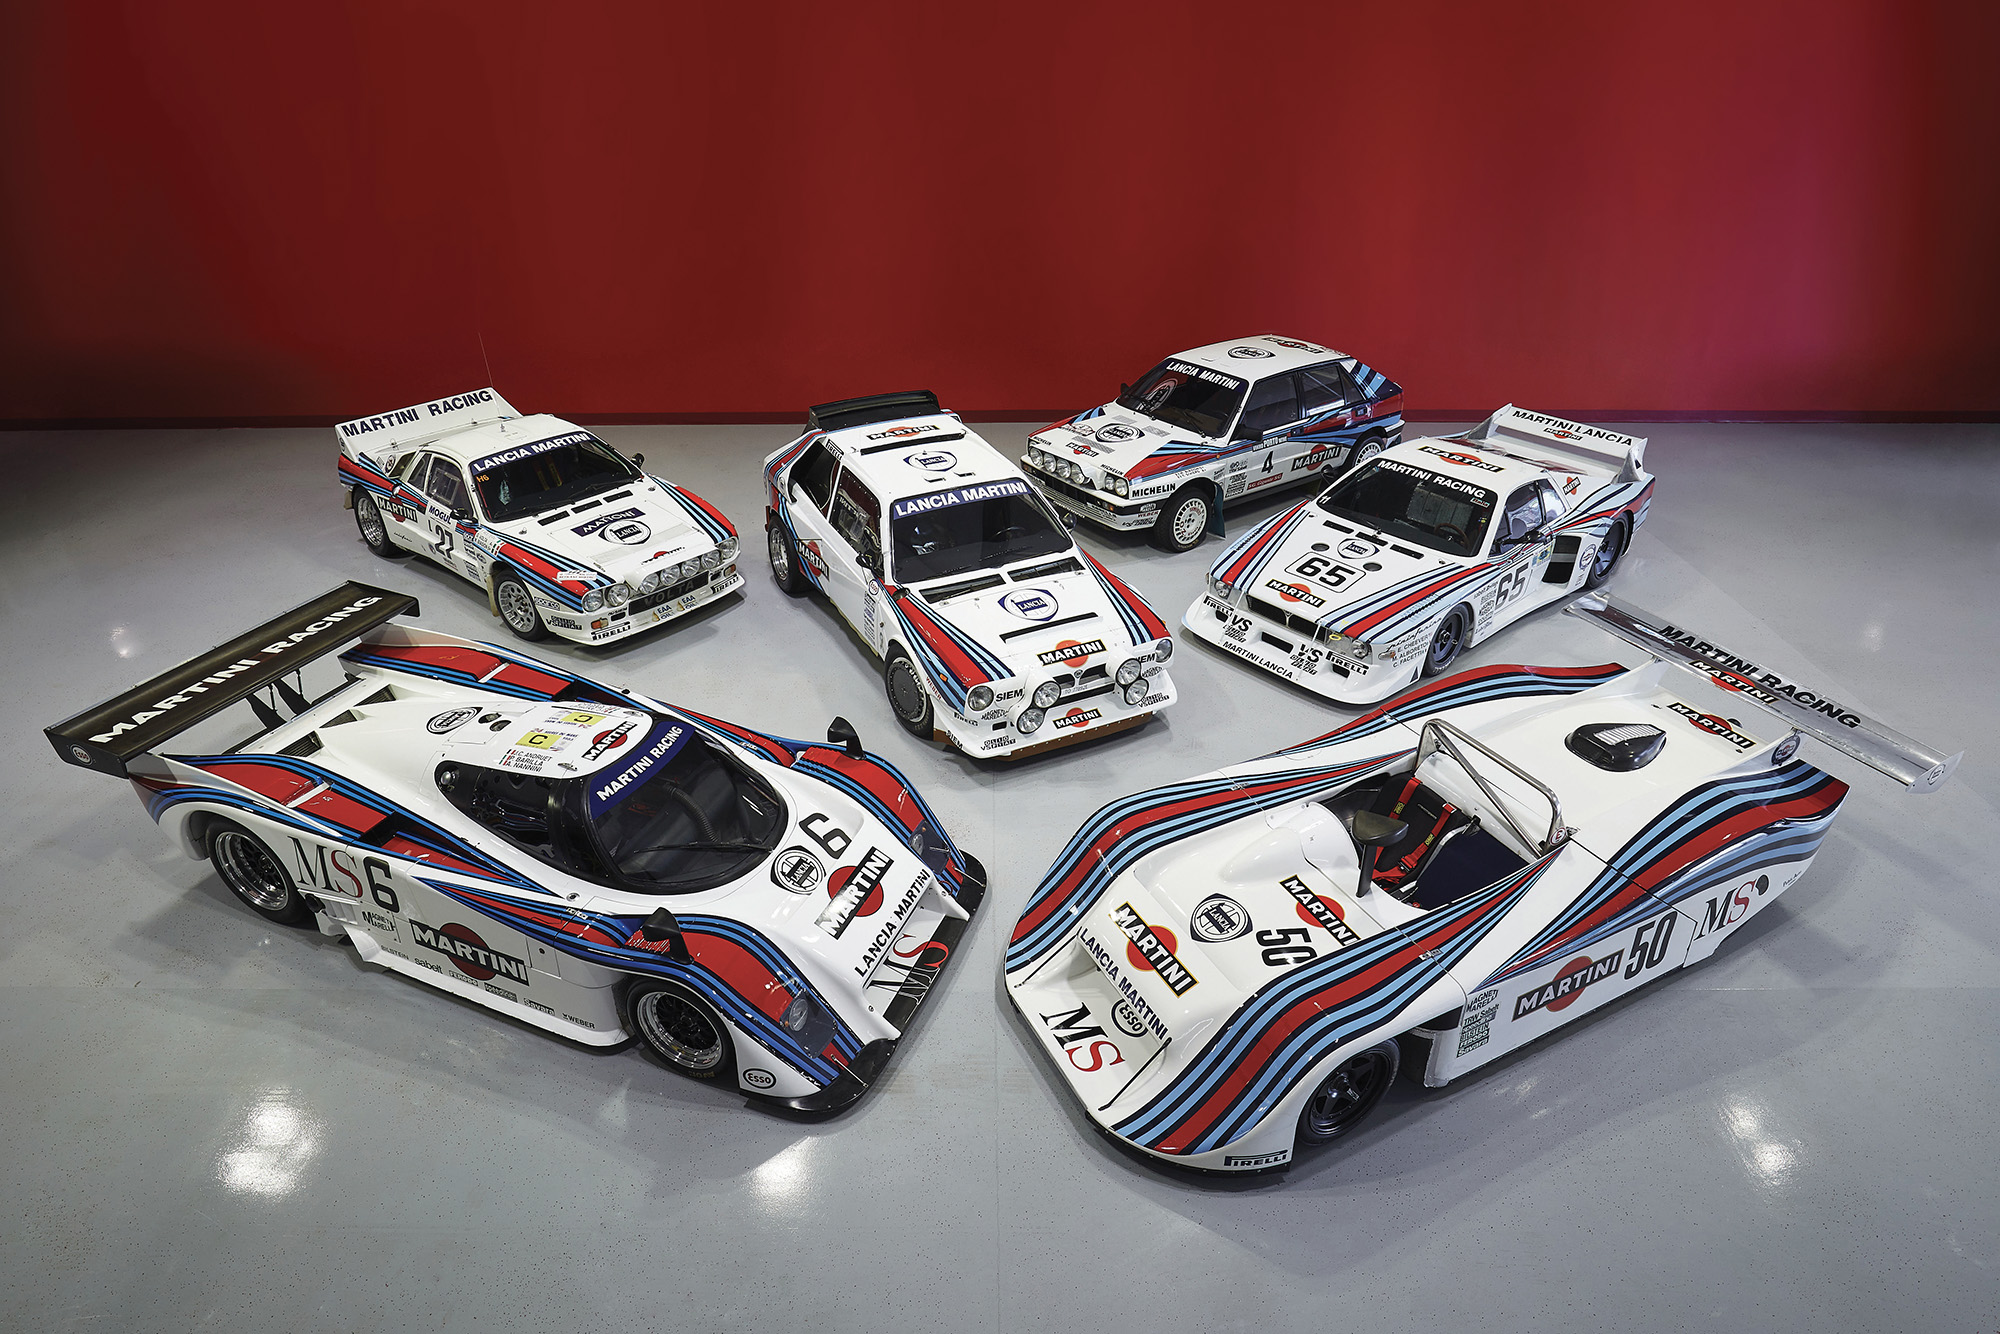 Martini Lancia's for sale